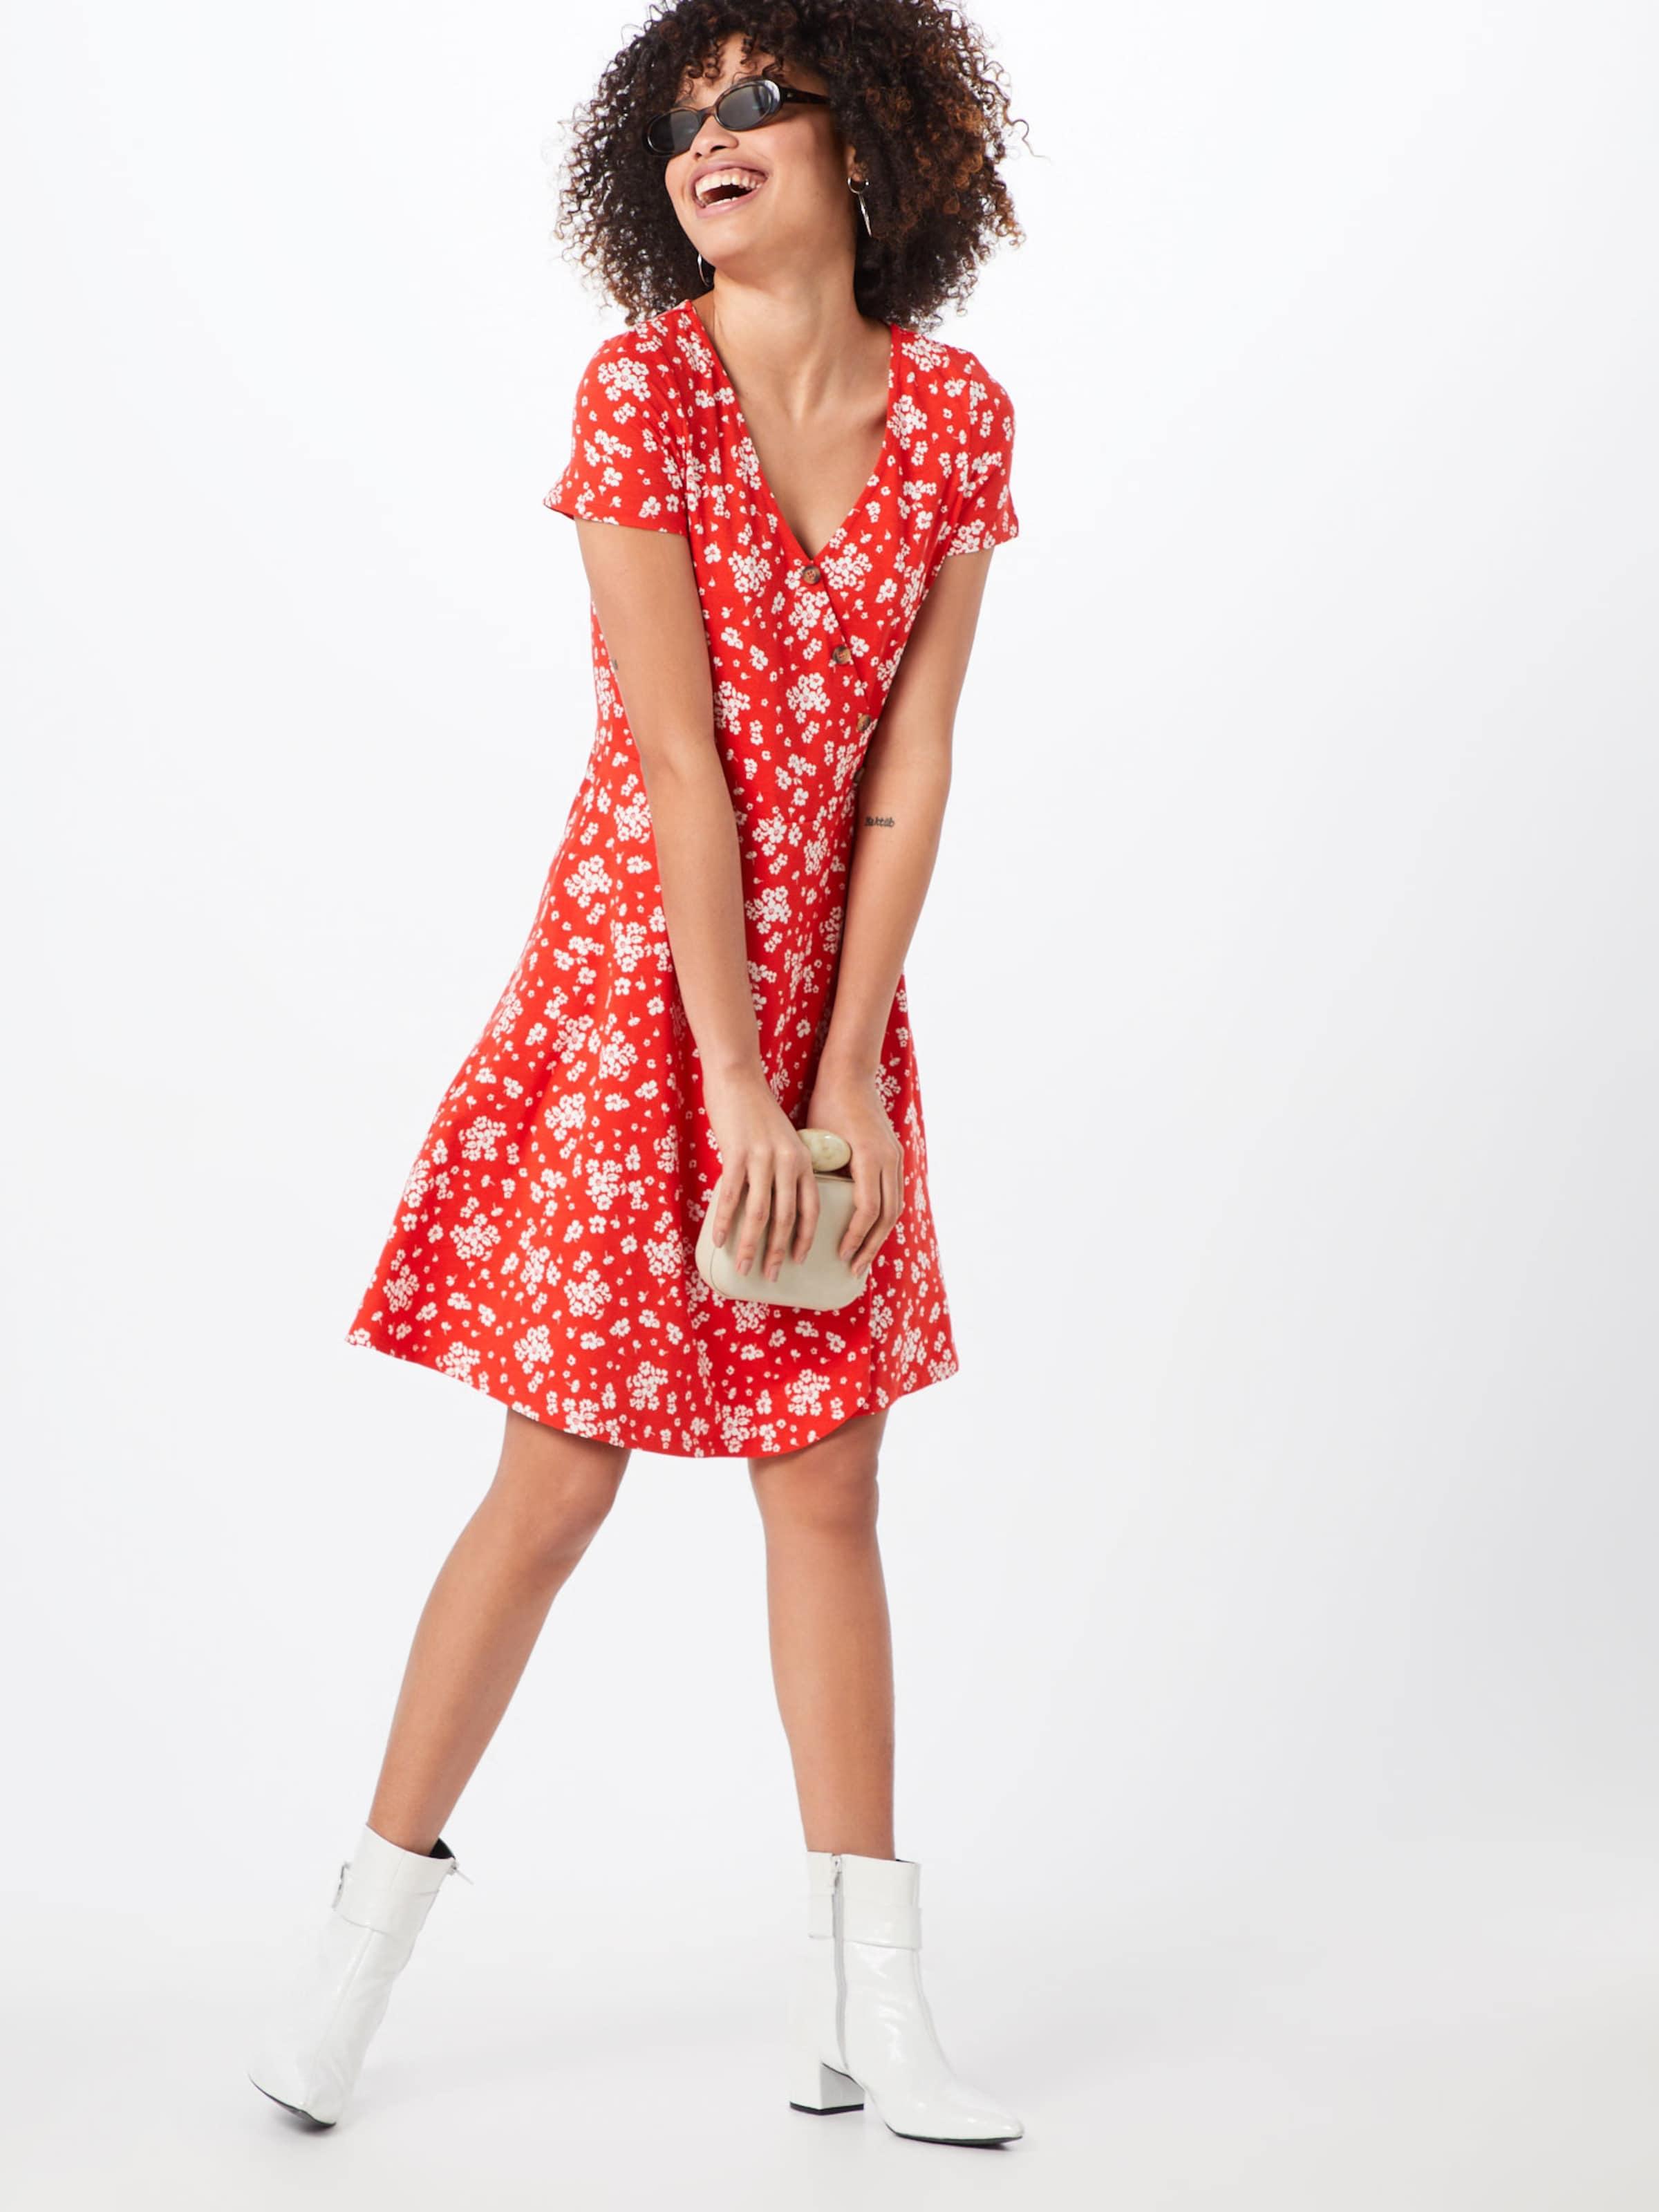 Dresses 'wrap Esprit Rouge Robe Dress En D'été Knitted' OTkXiuwZP